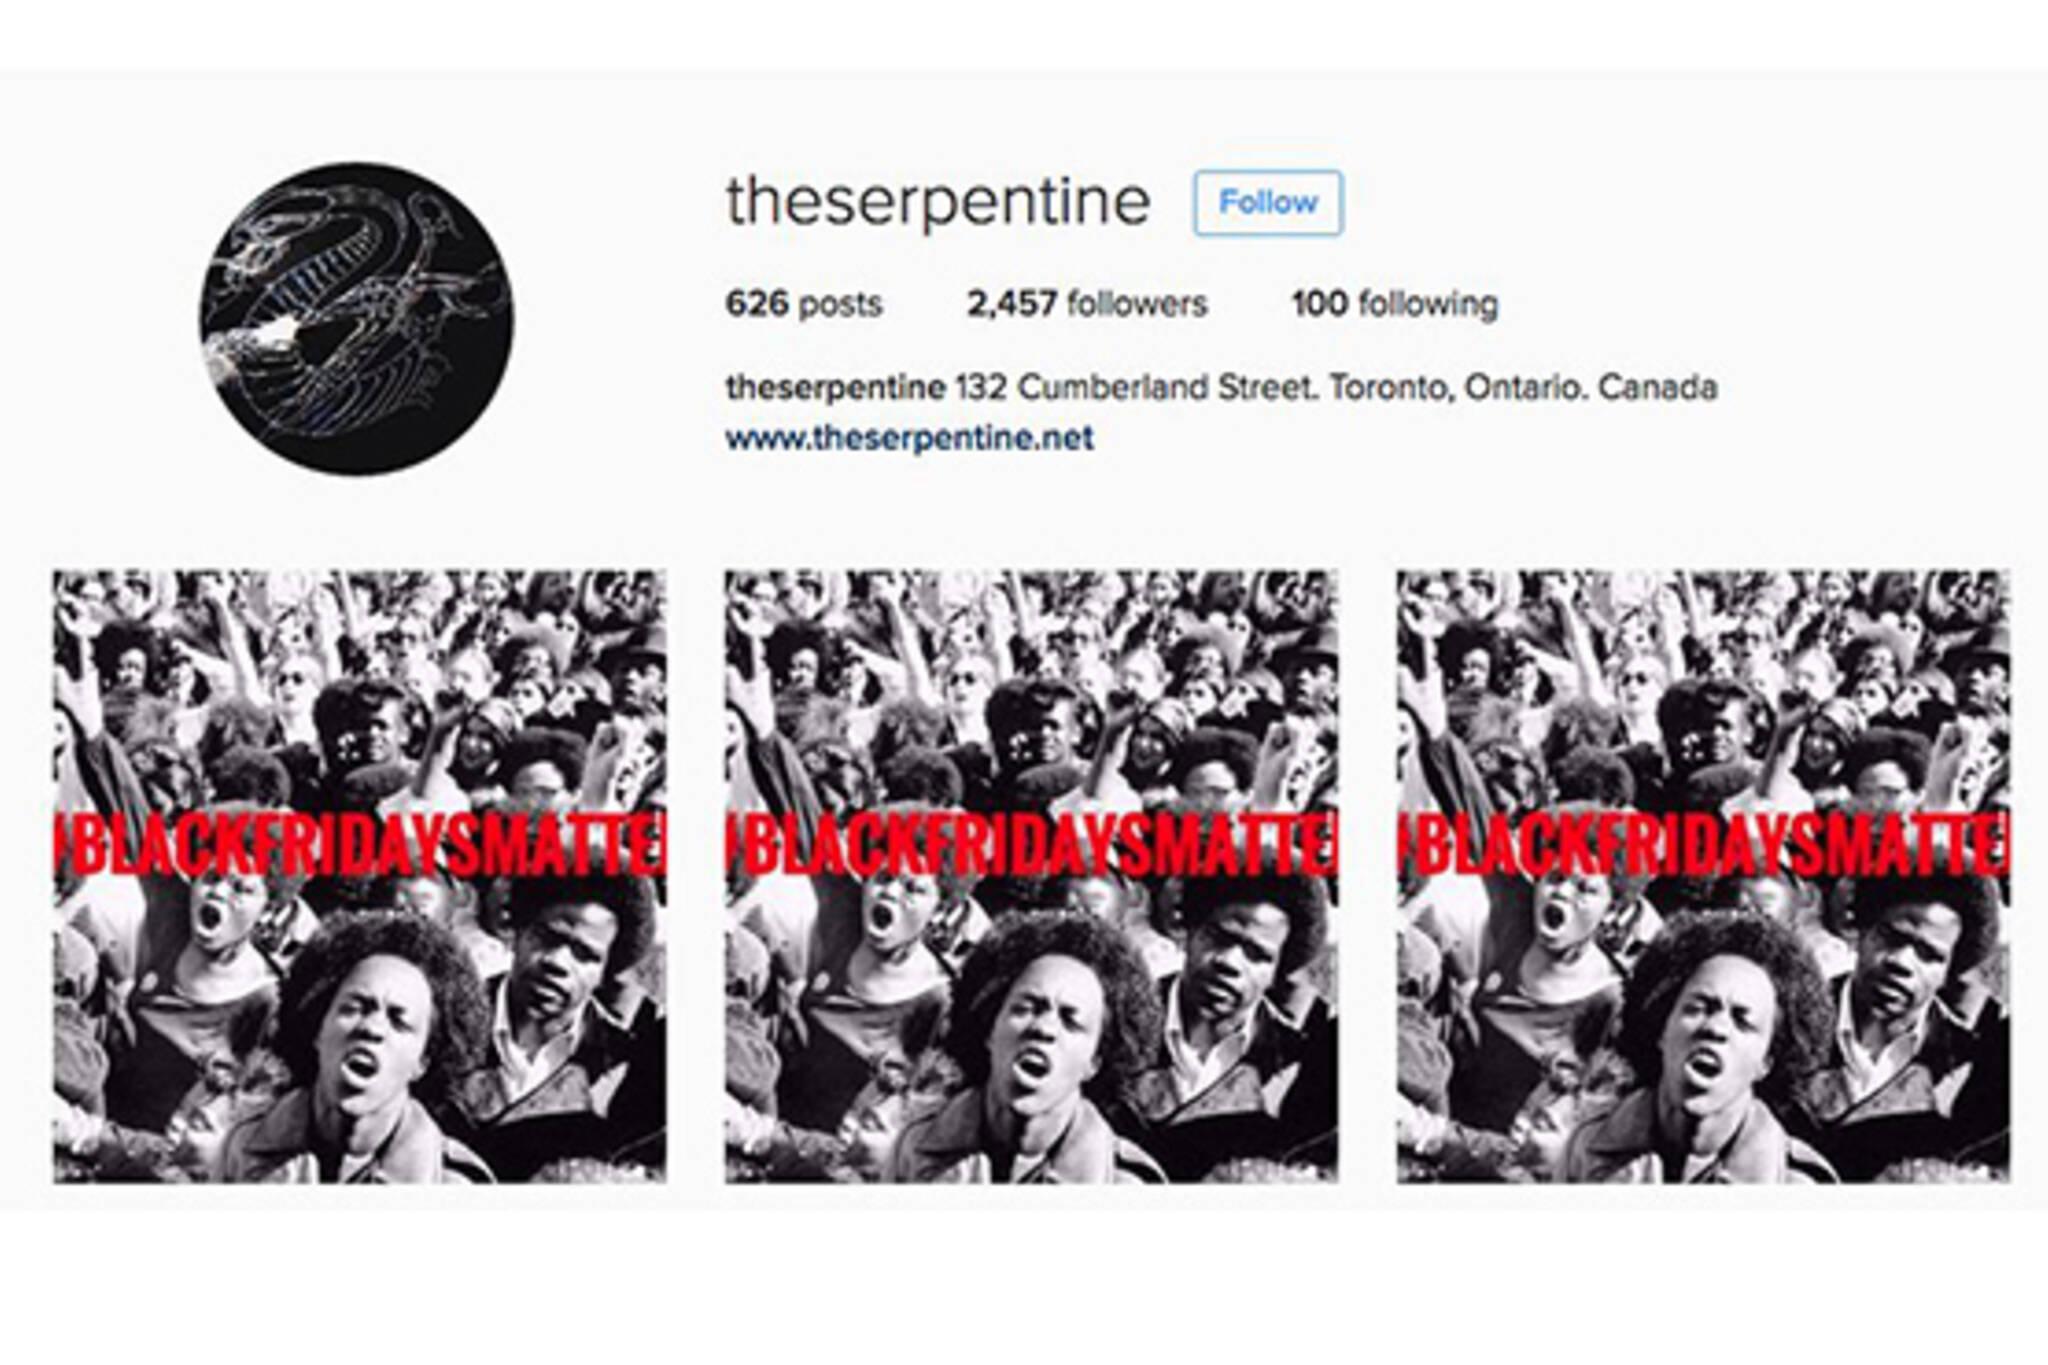 Serpentine Instagram